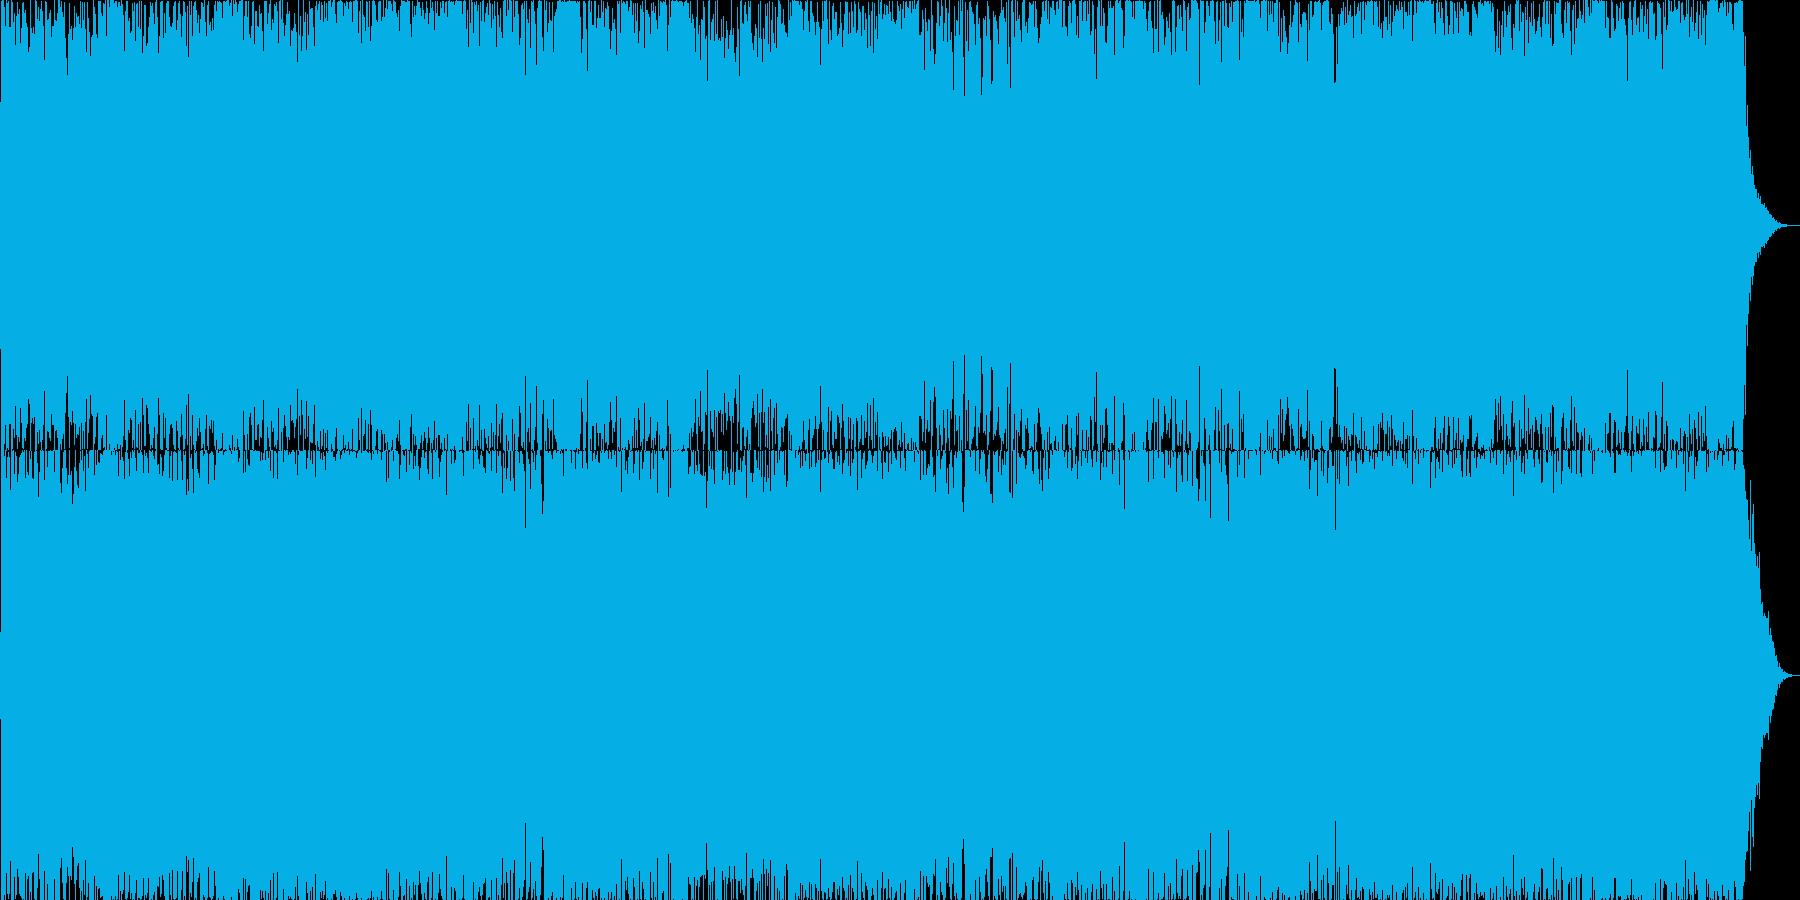 ダークファンタジーオーケストラ戦闘曲22の再生済みの波形